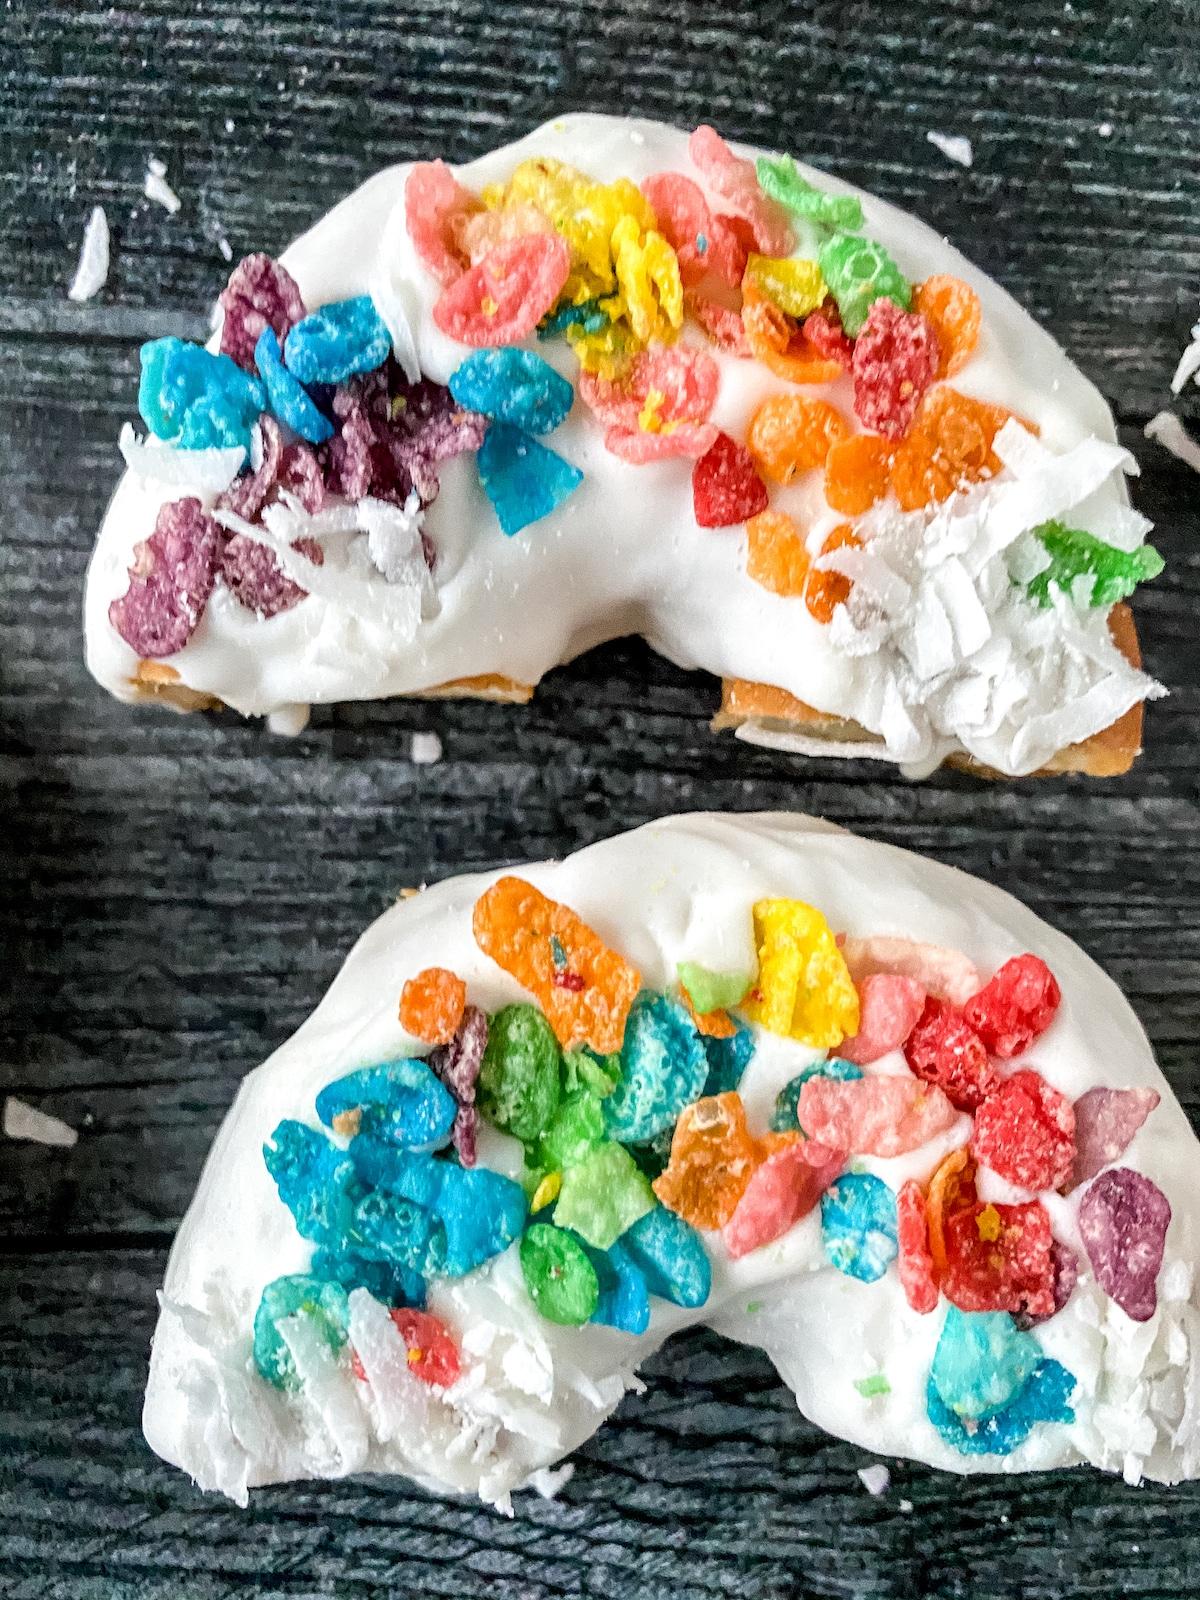 Rainbow donuts on black table